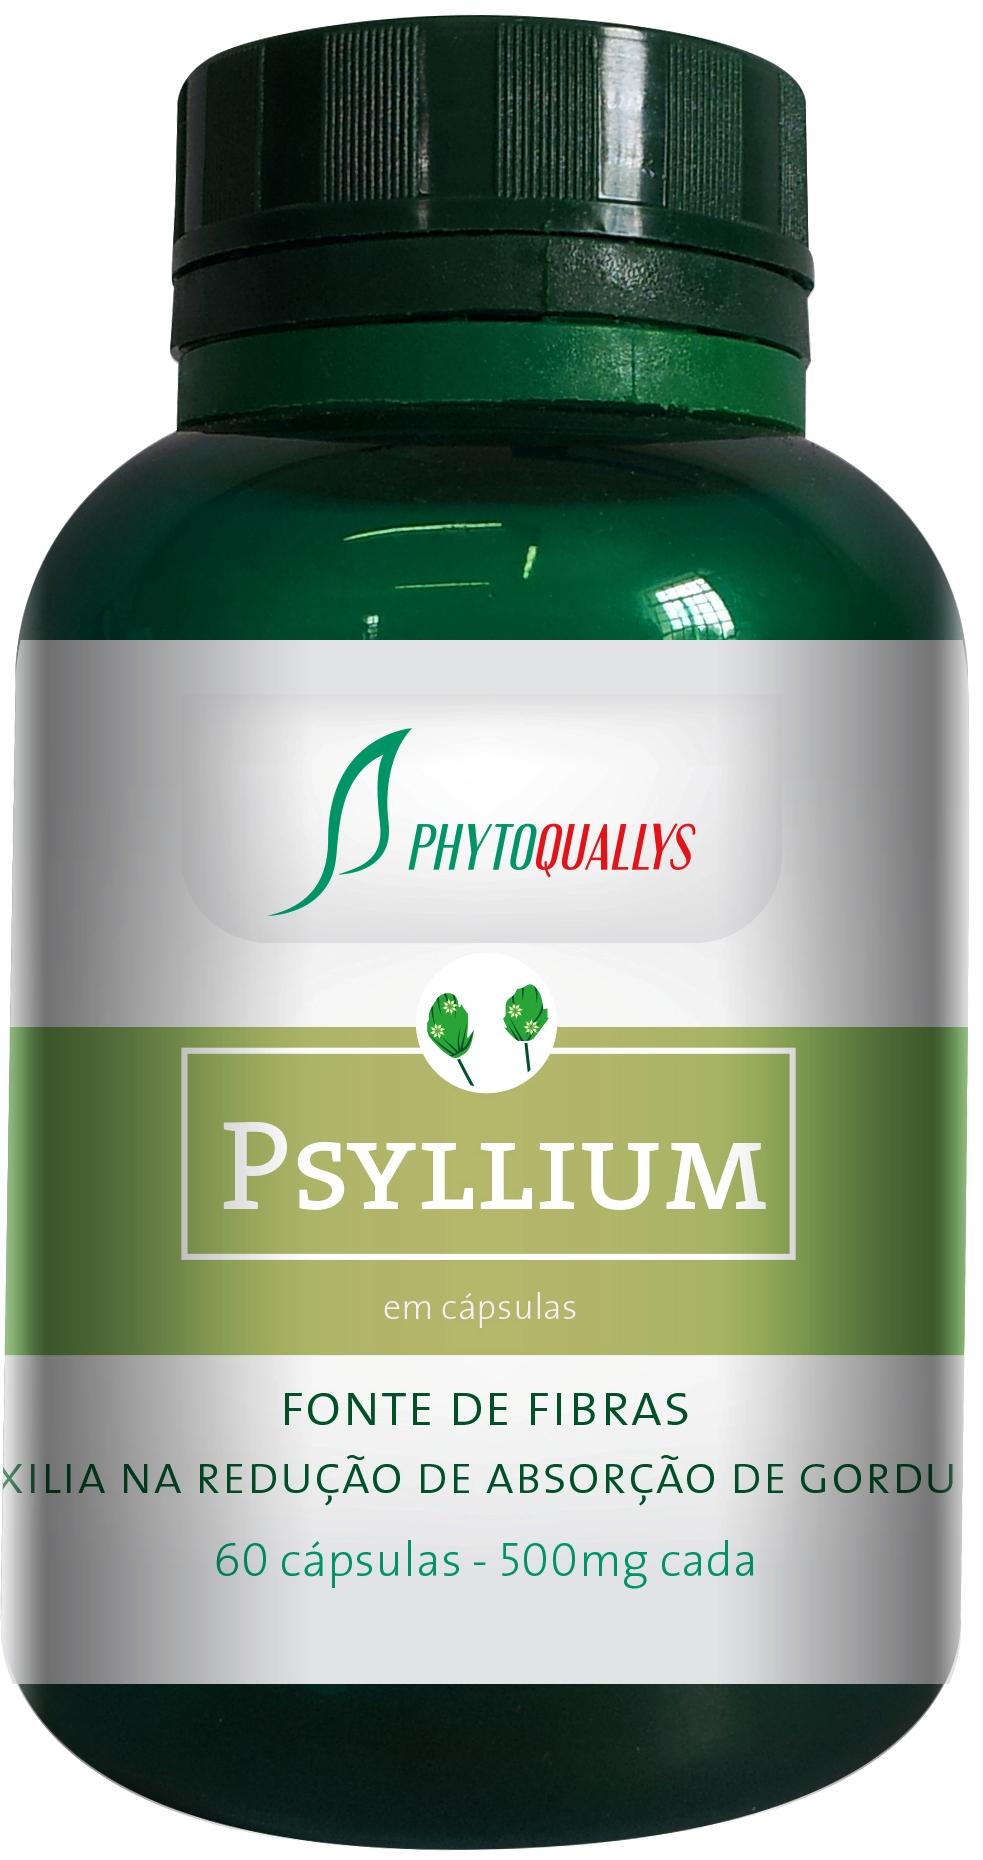 Psyllium em Cápsulas - Frasco com 60 cápsulas de 500mg